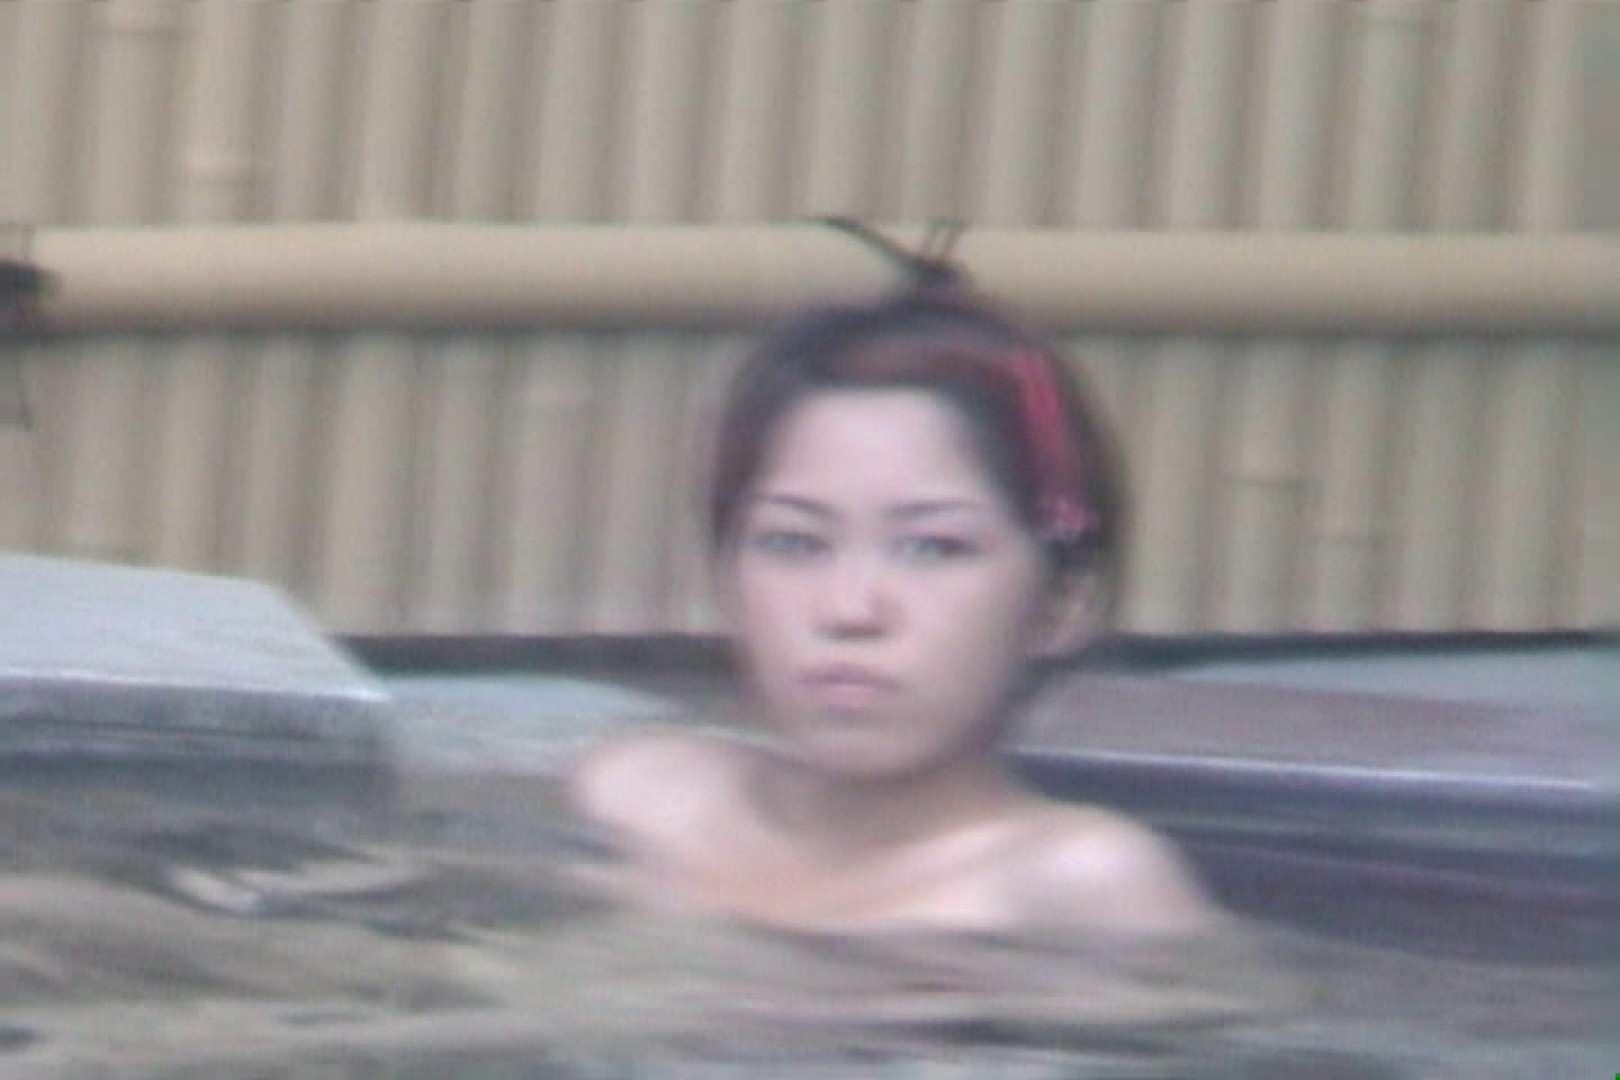 Aquaな露天風呂Vol.574 盗撮  97画像 54